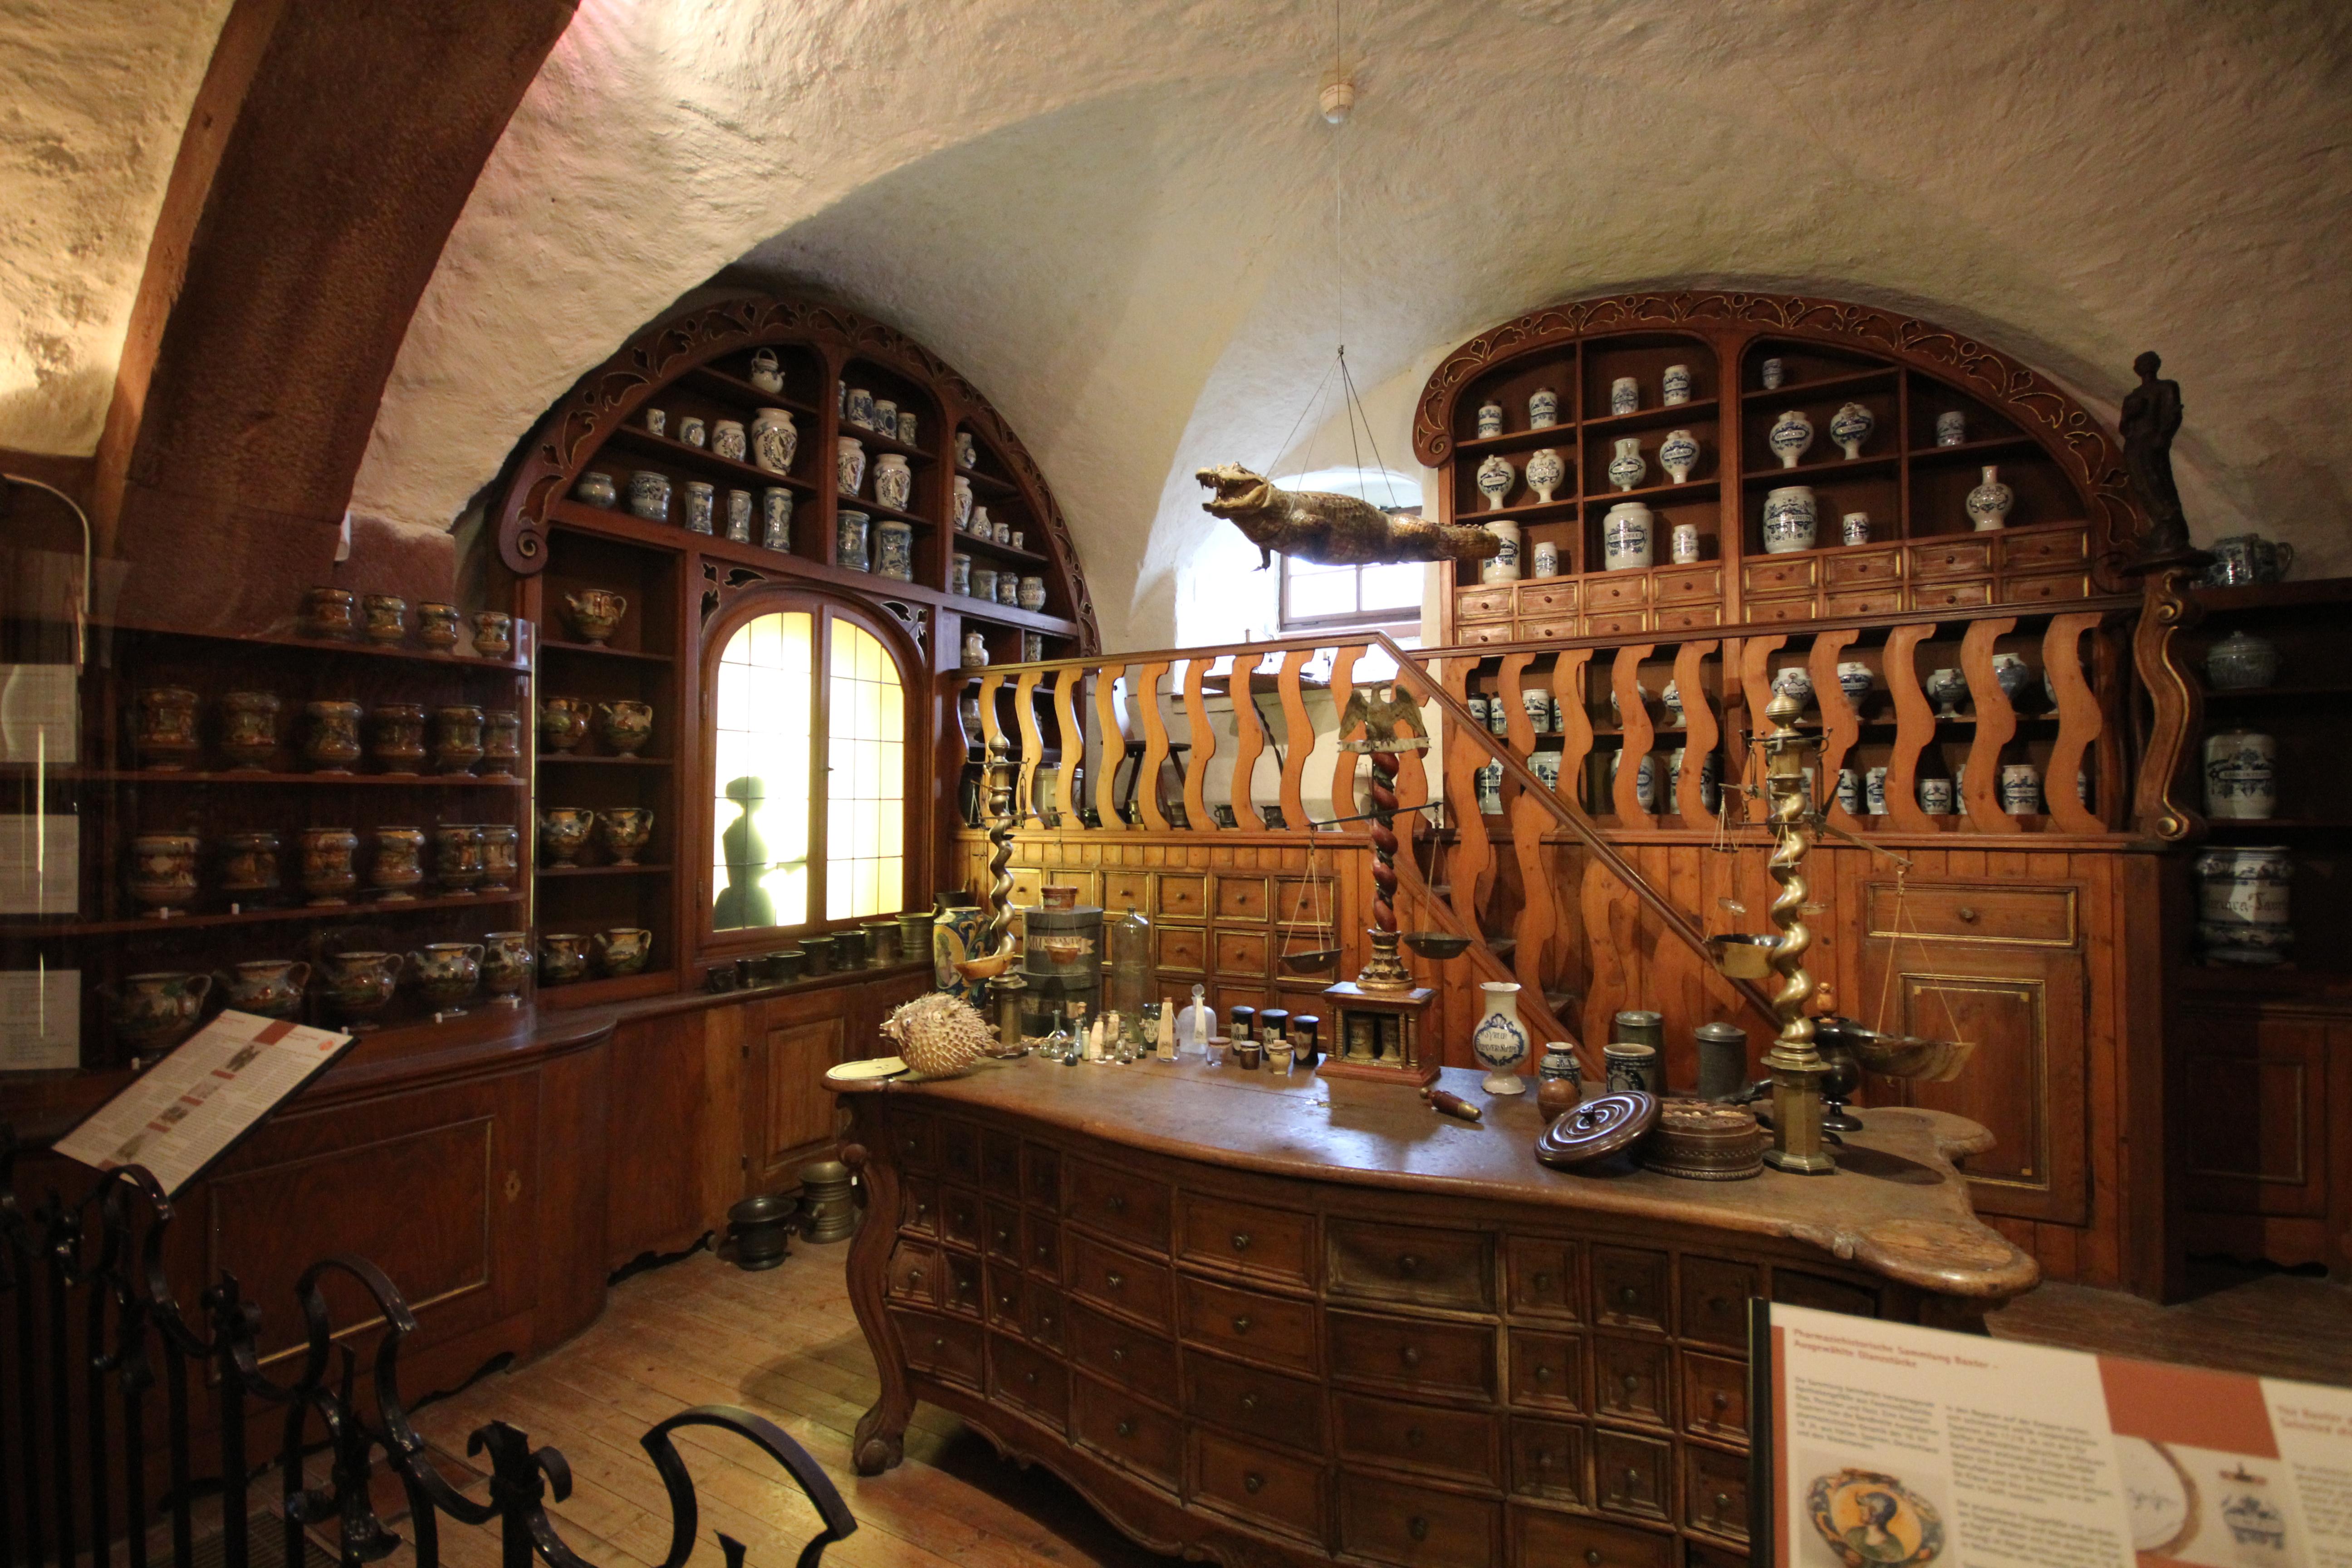 nao-e-caro-viajar-alemanha-heidelberg-farmacia-museu